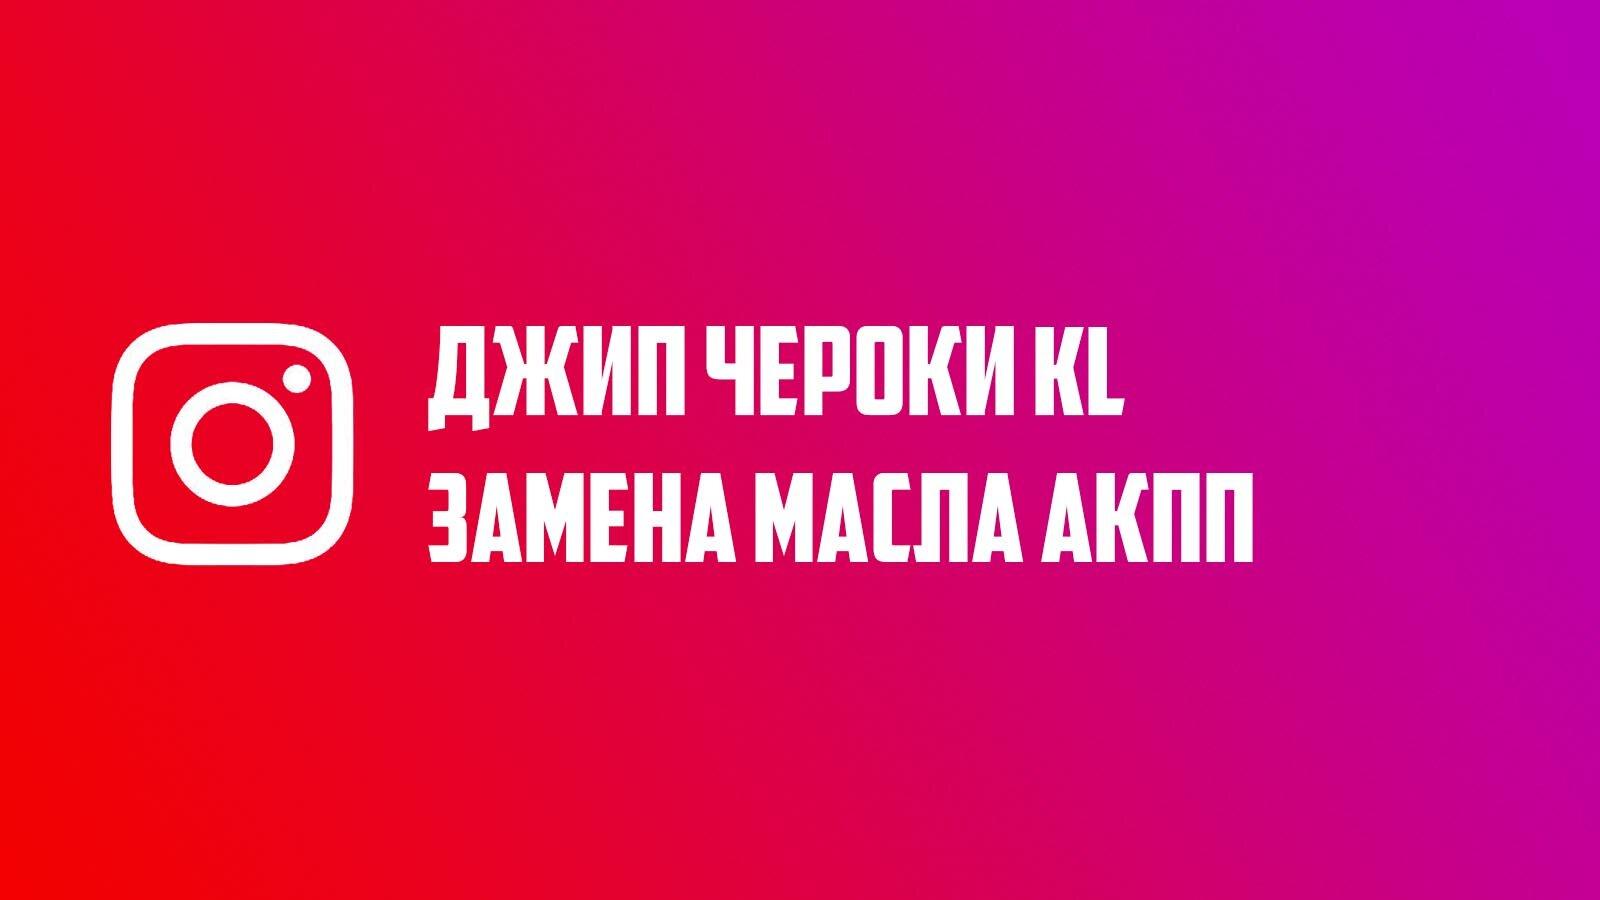 Замена масла АКПП Джип Чероки